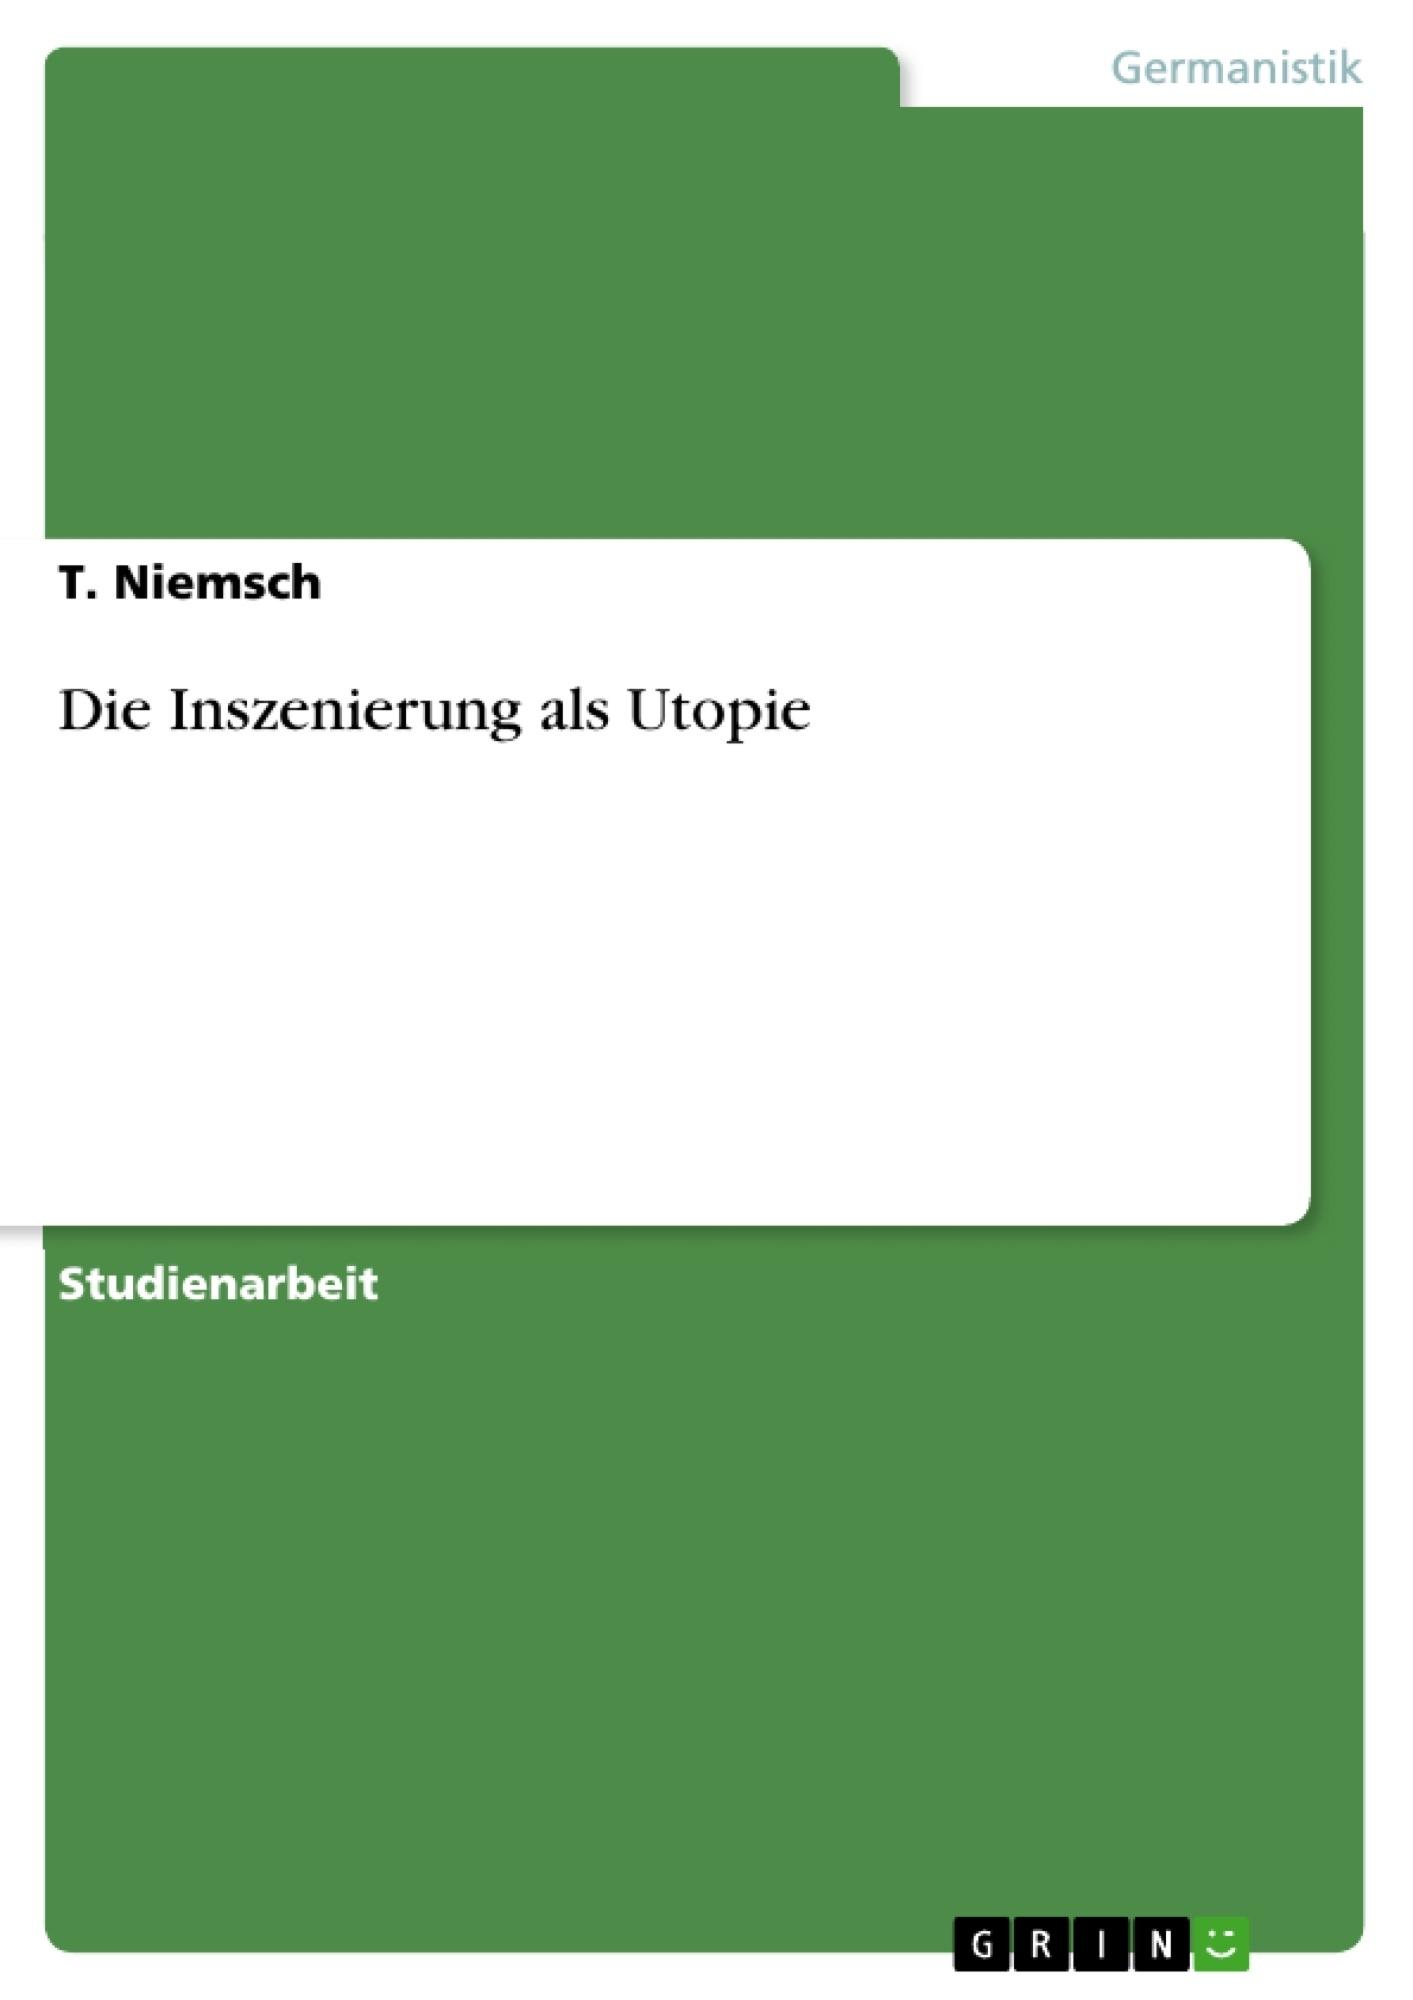 Titel: Die Inszenierung als Utopie